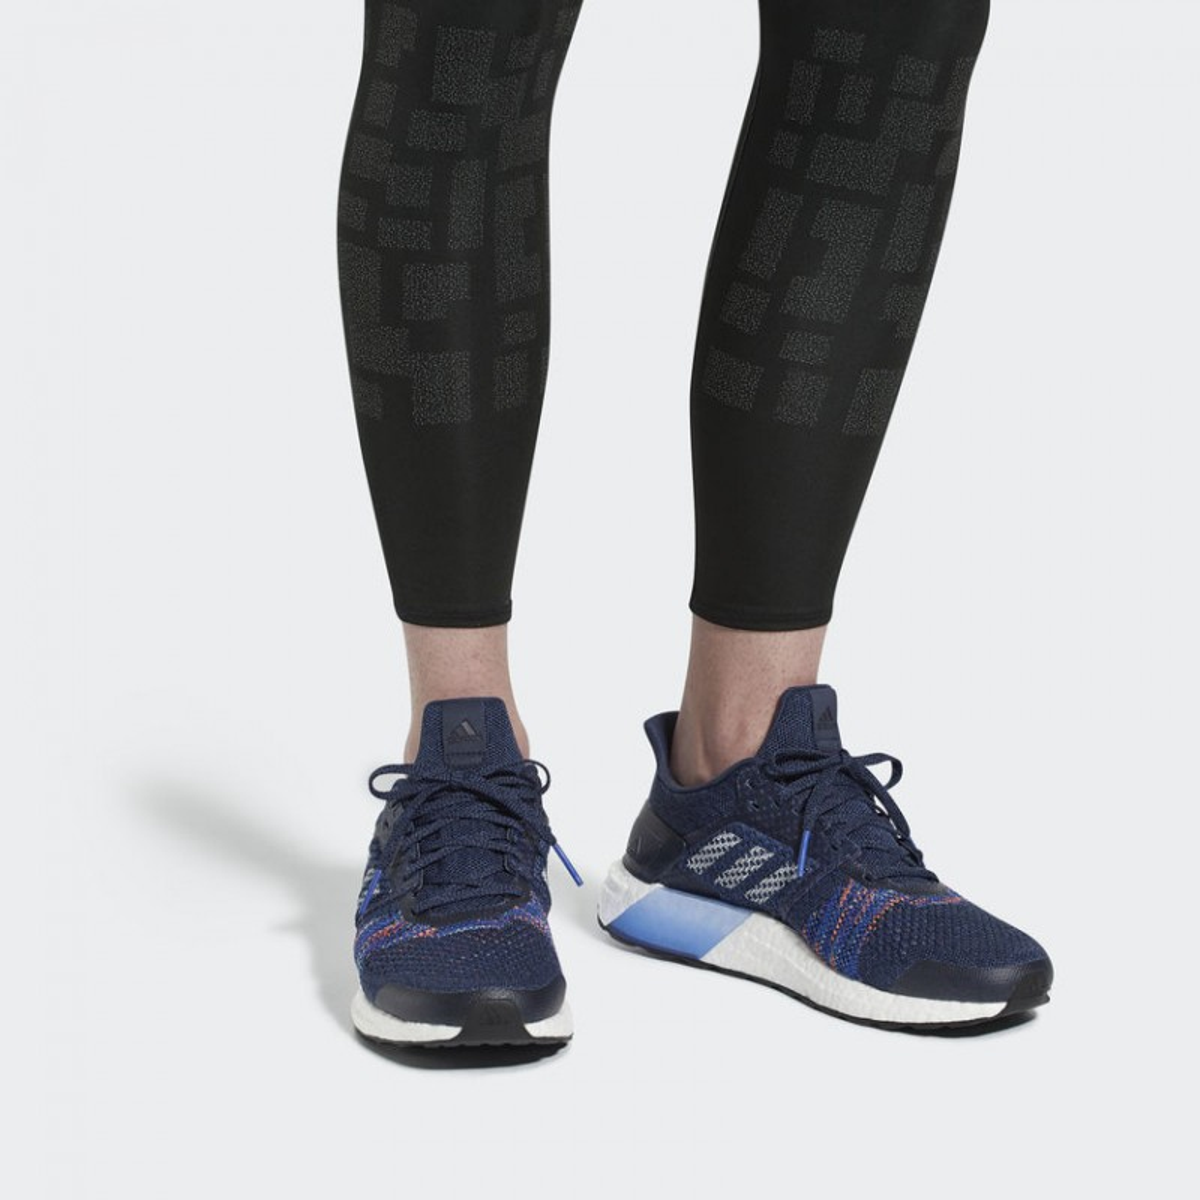 the latest 4fd6f e0b24 ... Zapatillas Adidas Ultra Boost azul marino Hombre PV18